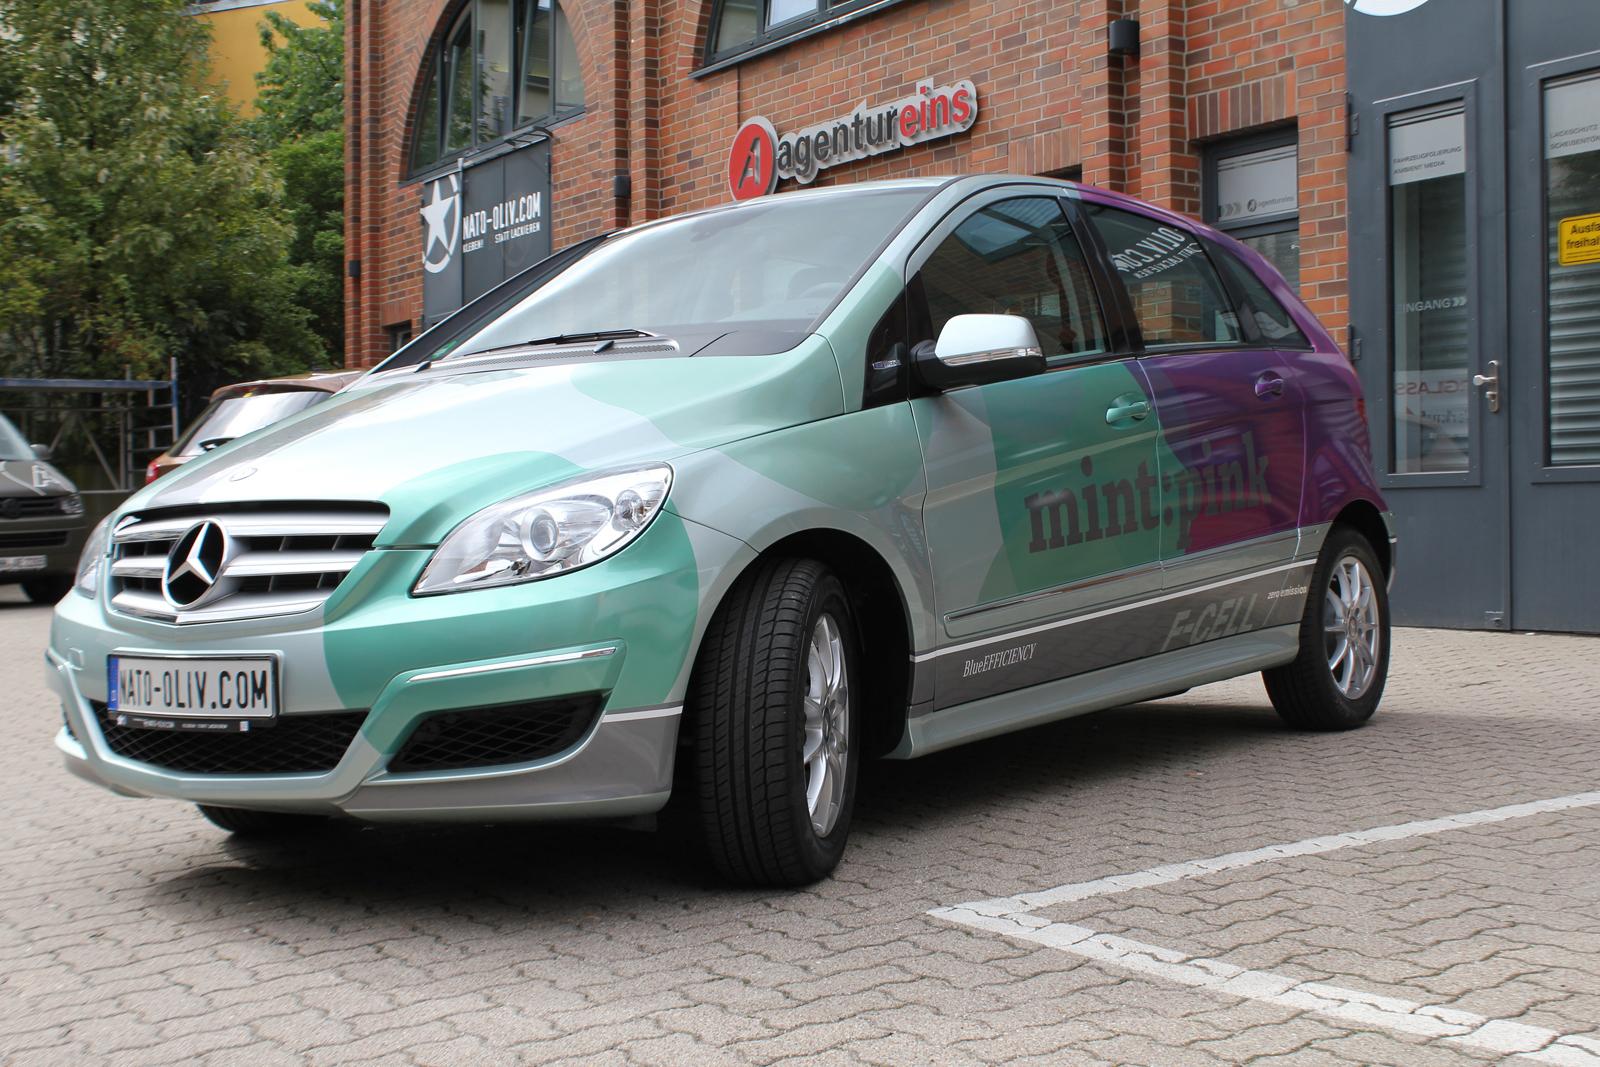 schraege Seitenansicht der Mercedes F-Cell B-Klasse mit Folierung in Mintgruen-metallic und Pink-metallic